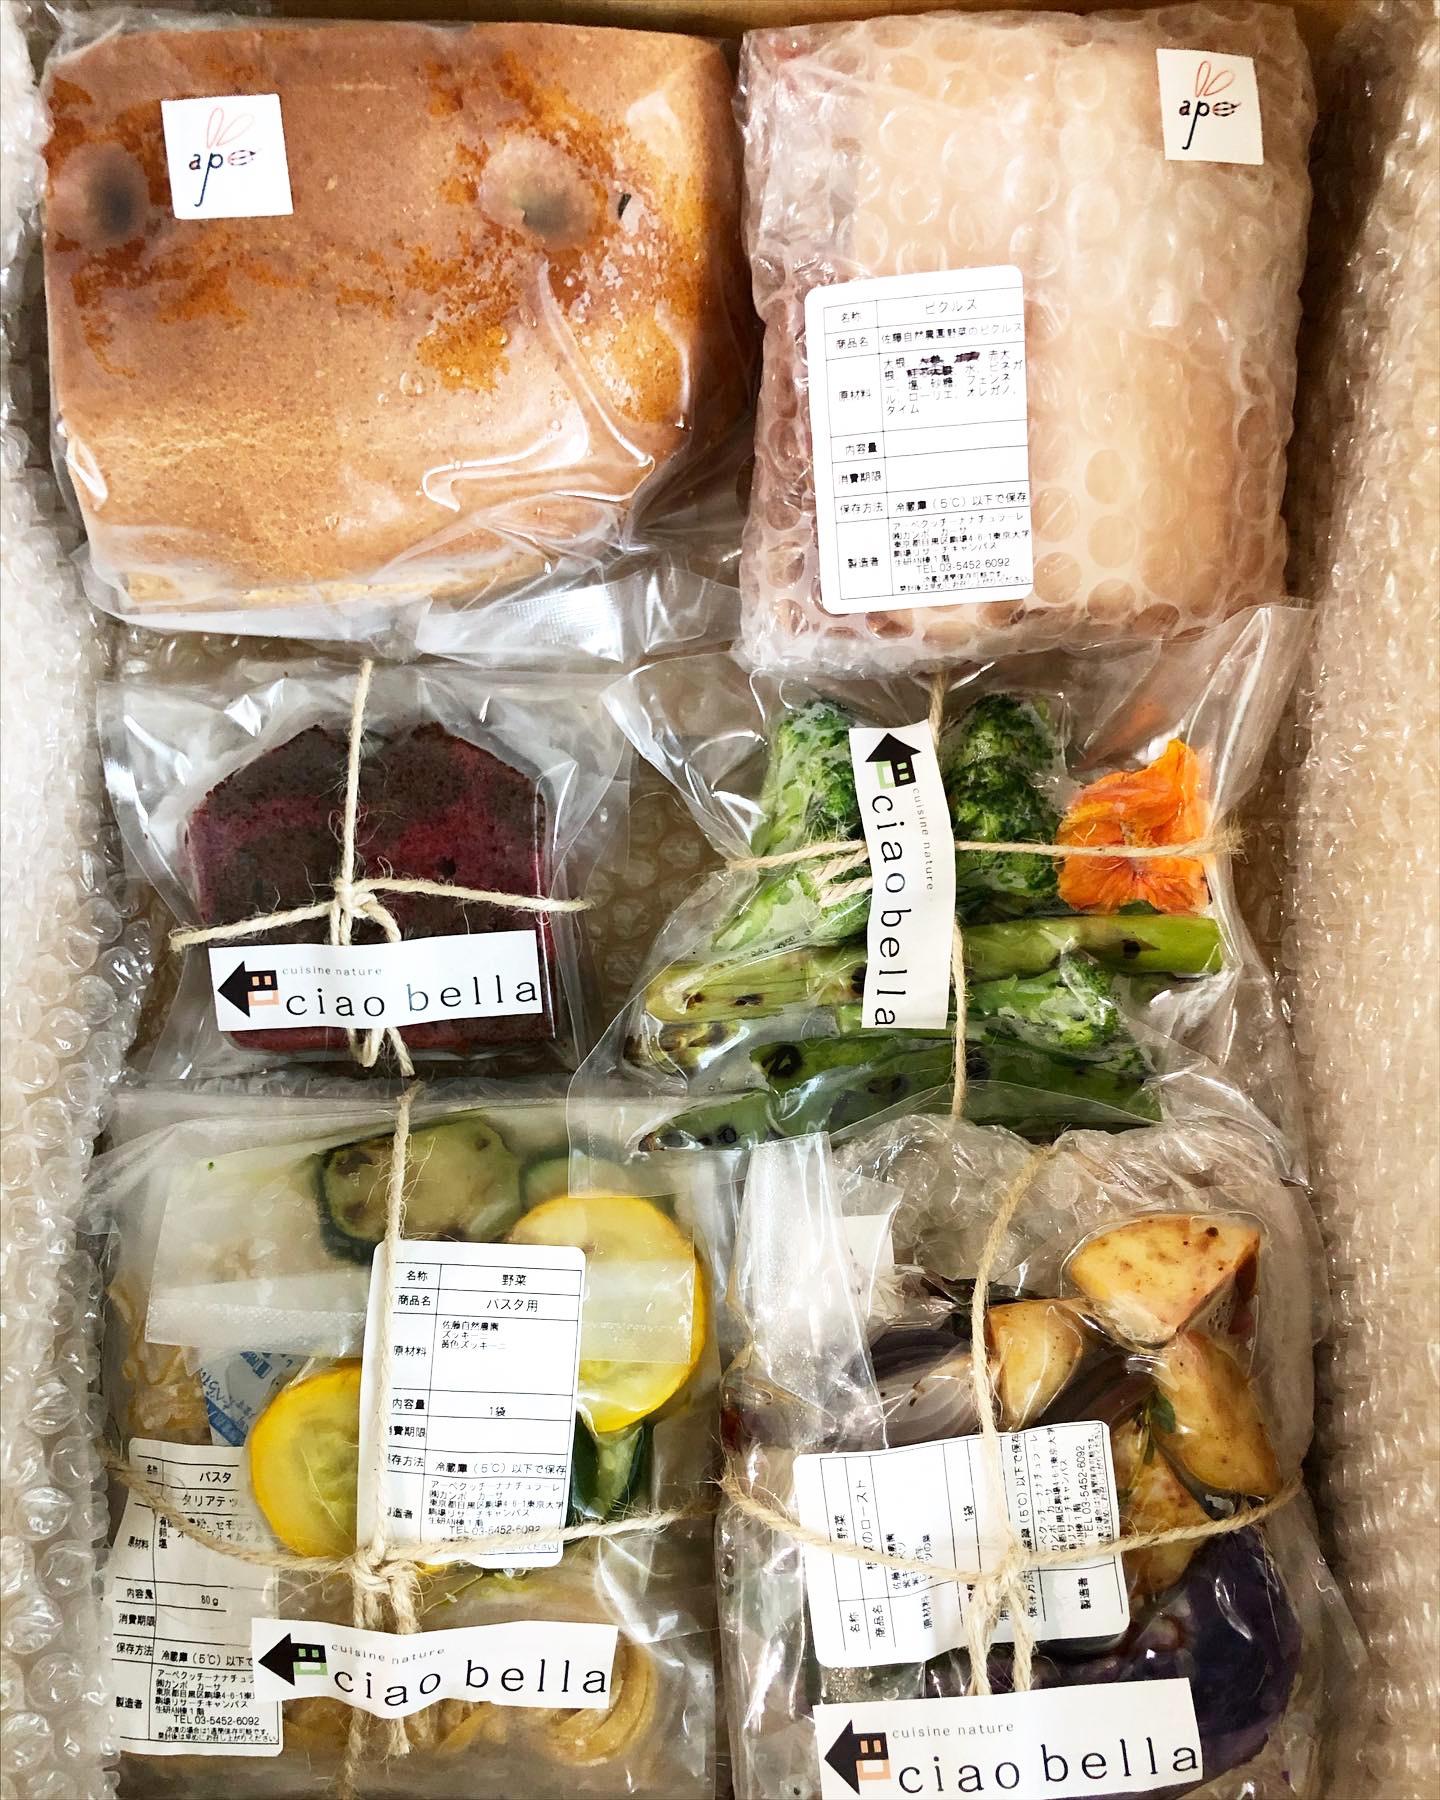 5-6月オーガニックコース+お任せお魚料理+PIZZA